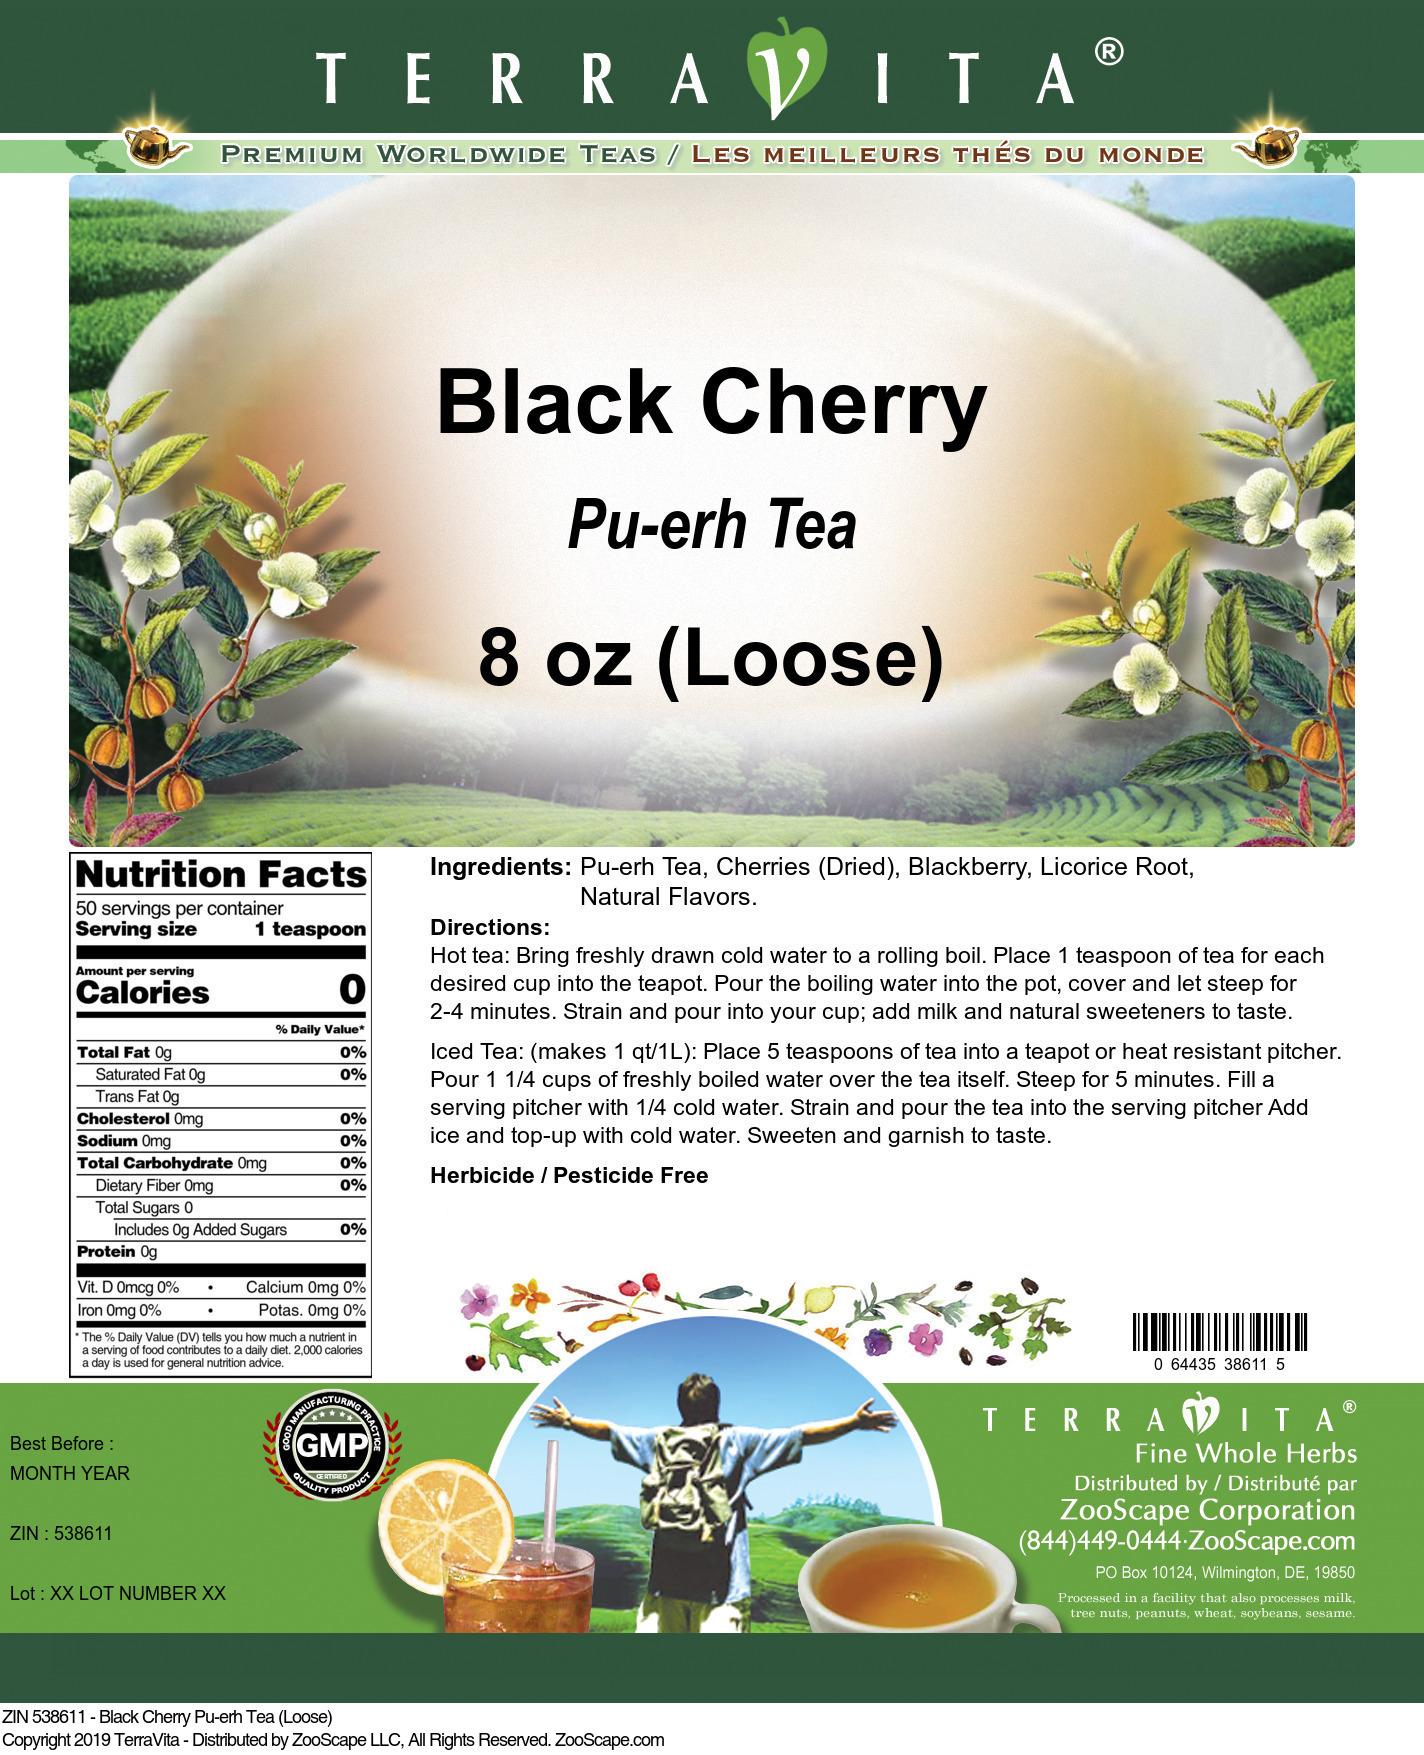 Black Cherry Pu-erh Tea (Loose)